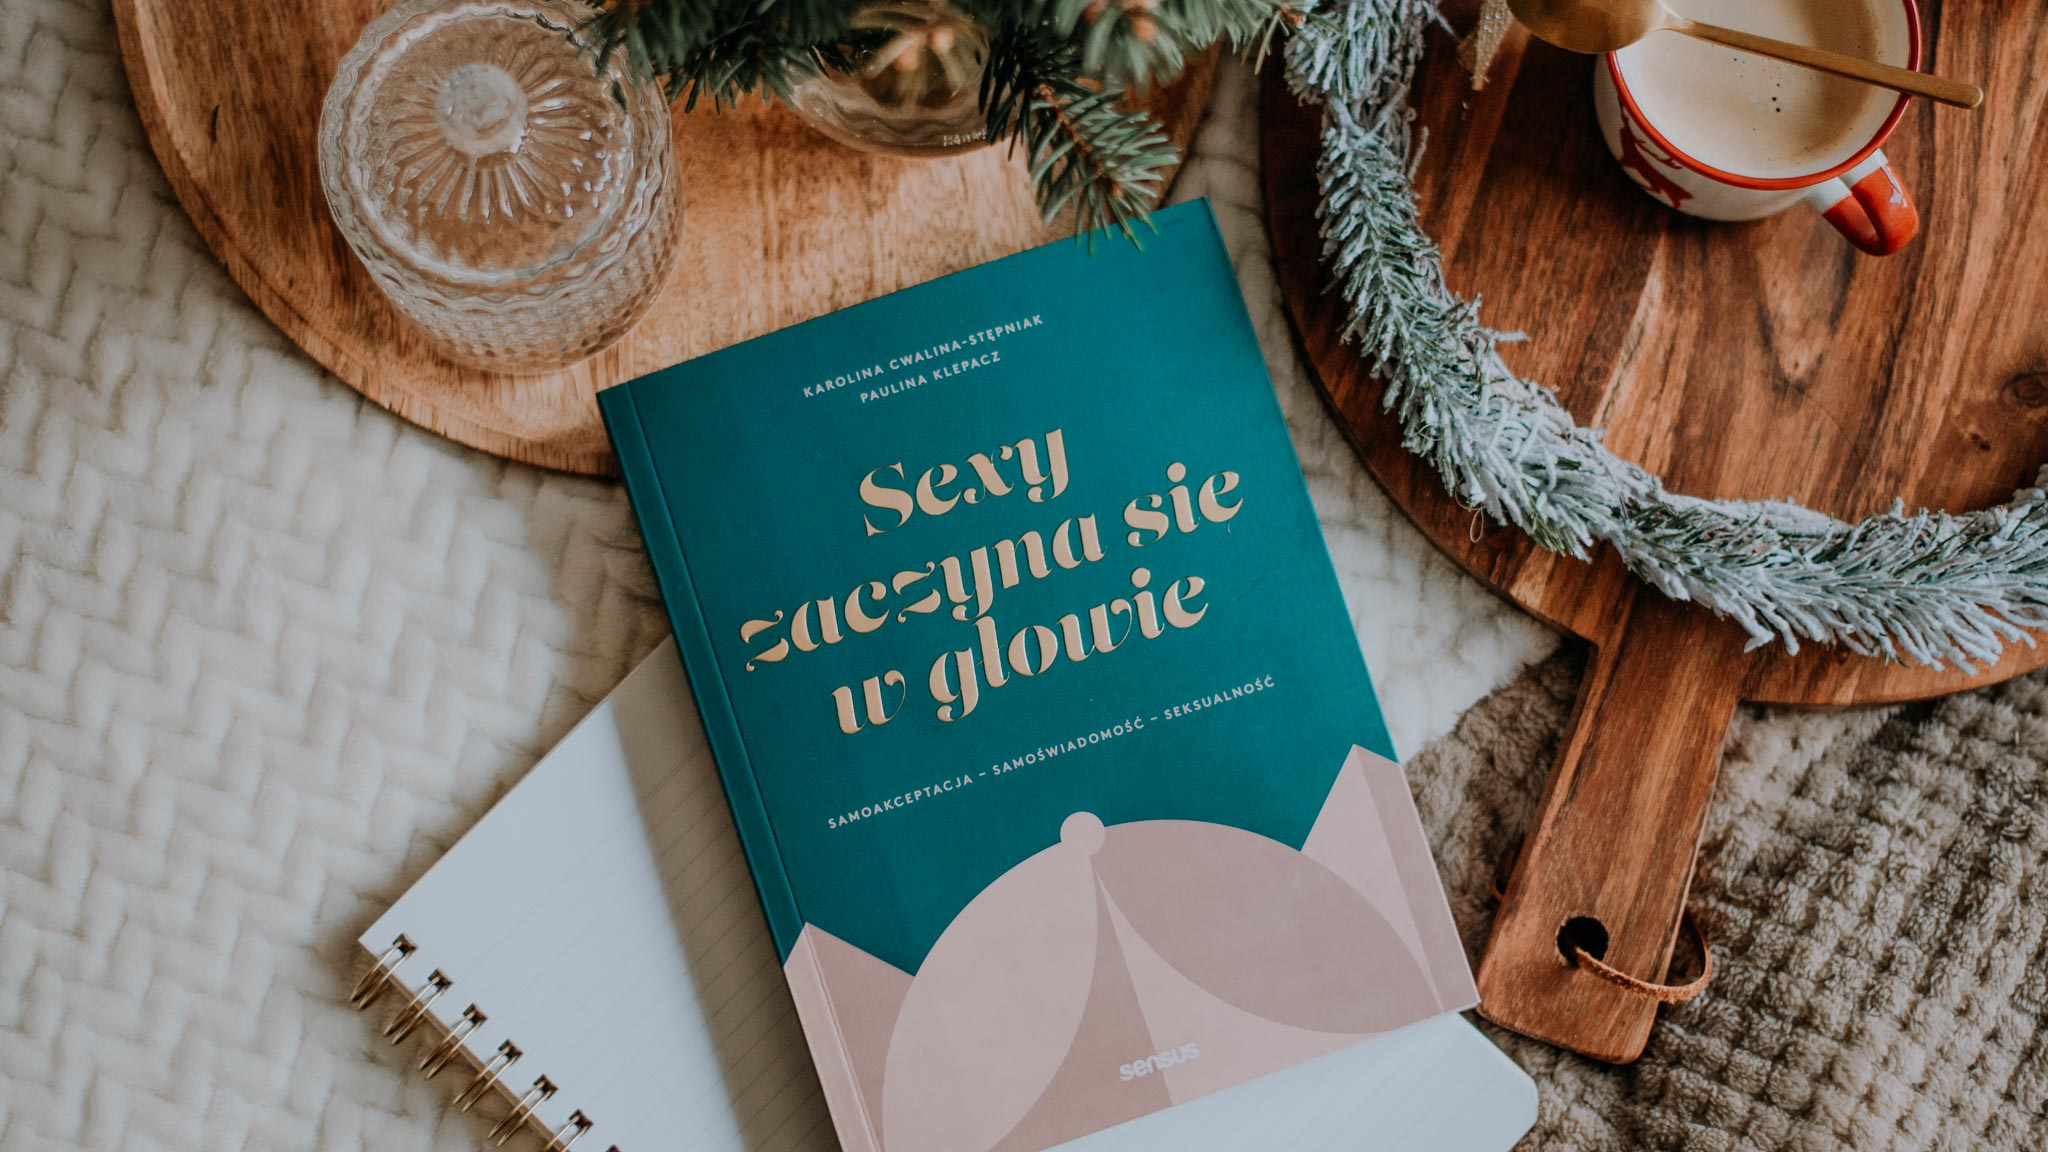 Sexy zaczyna się w głowie –  Karolina Cwalina-Stępniak, Paulina Klepacz